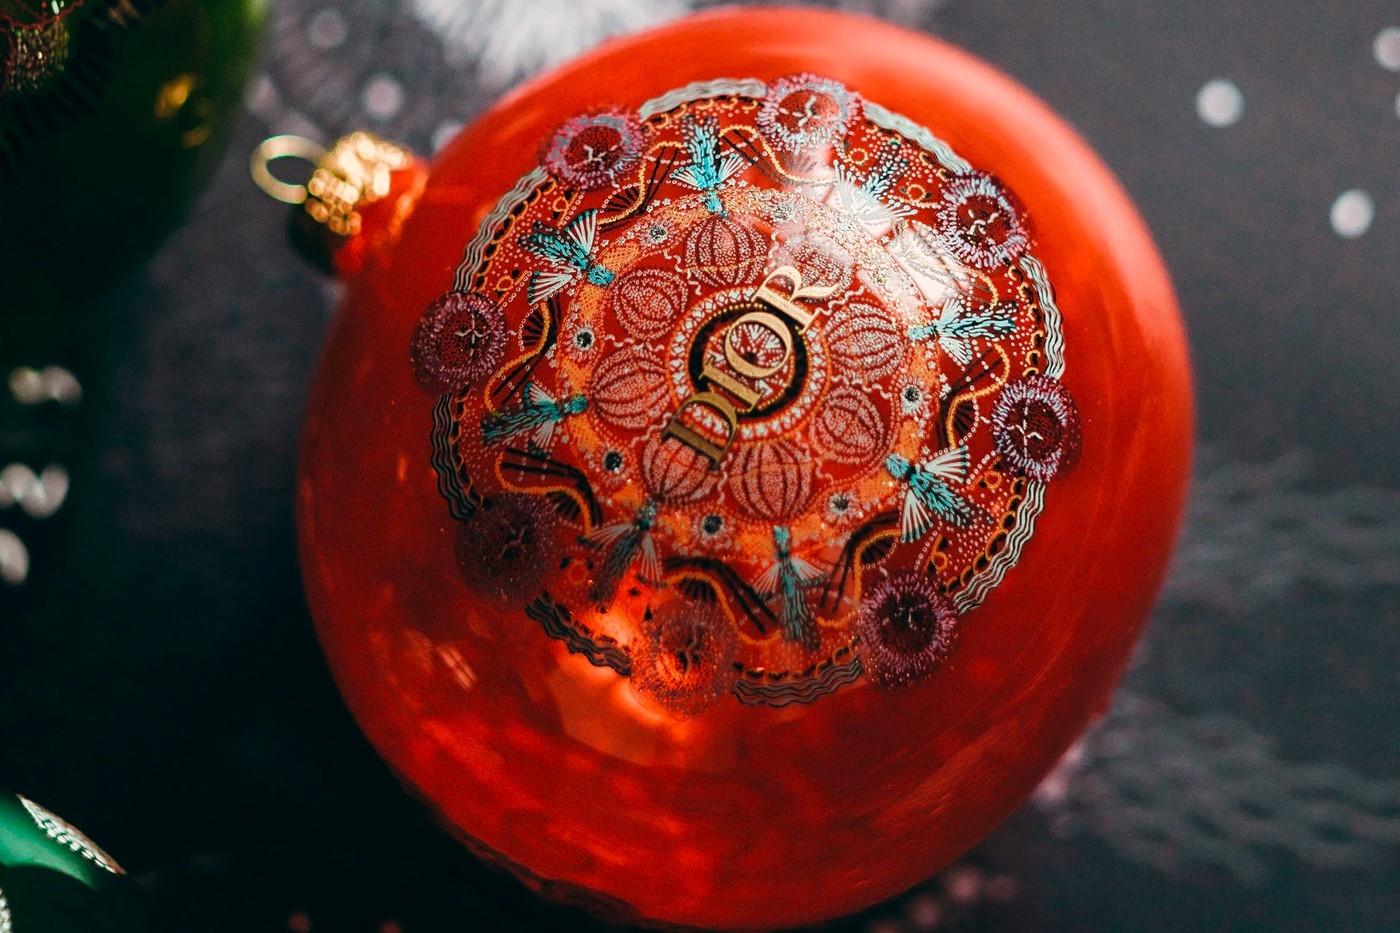 Объект желания: Dior выпустили набор елочных игрушек с изящными орнаментом (ФОТО) - фото №4